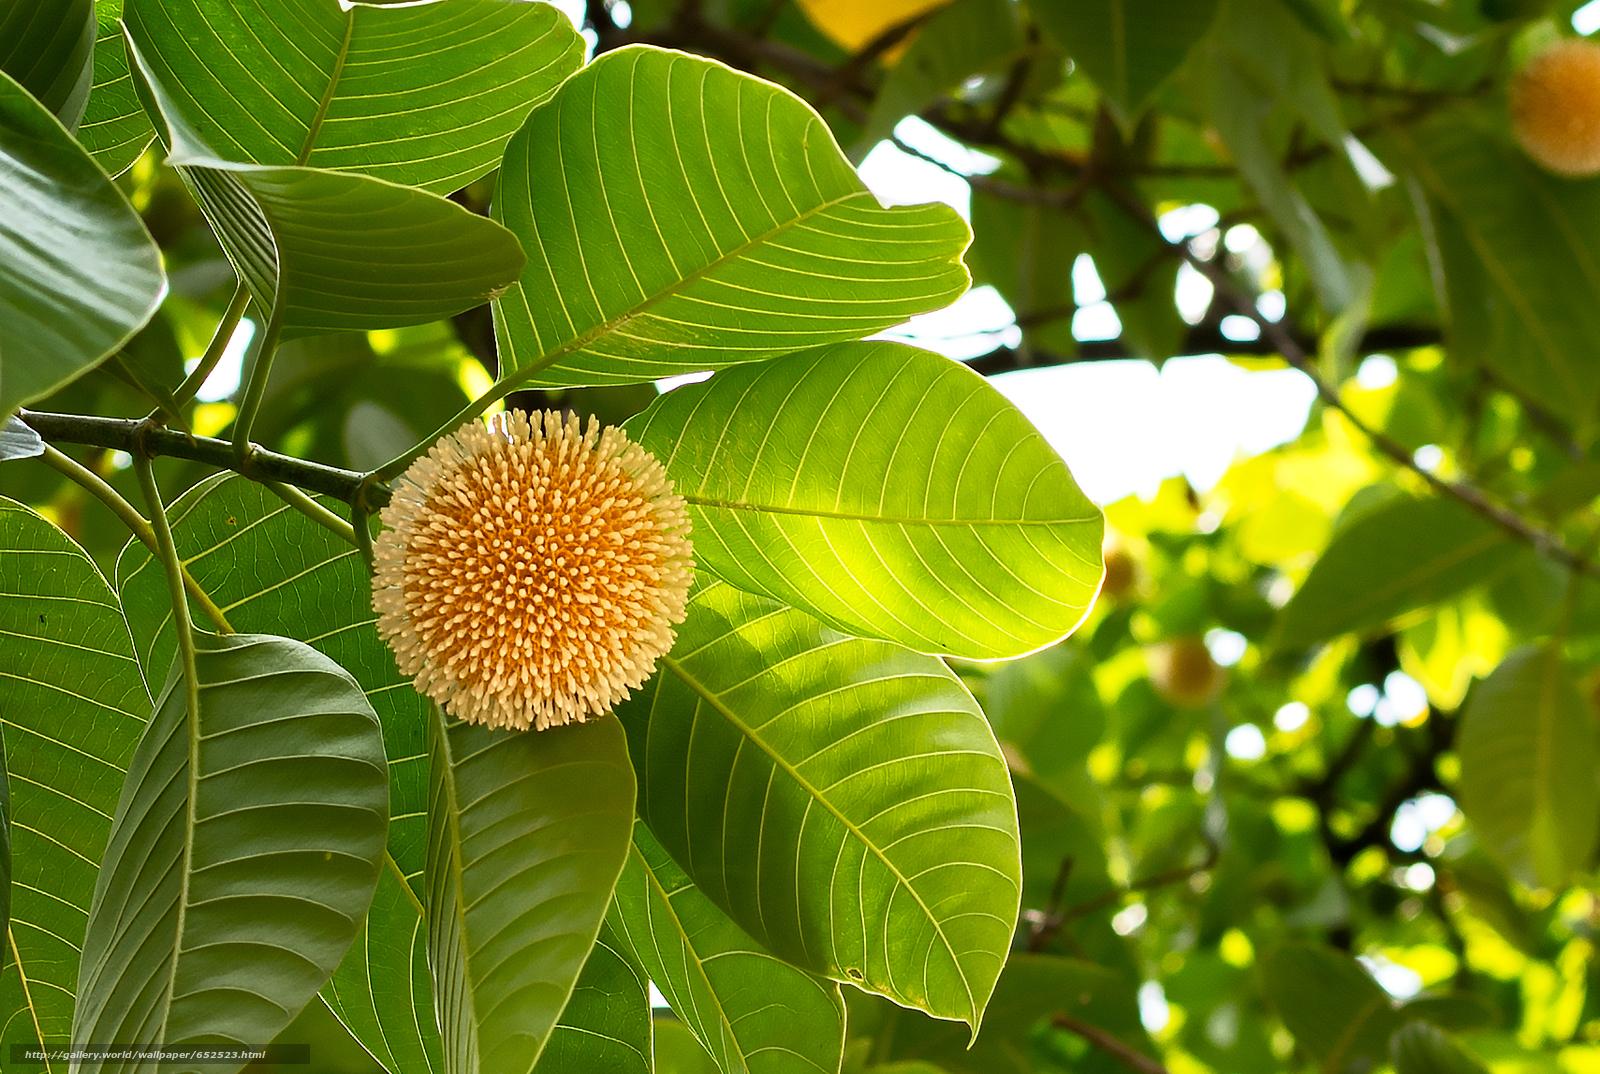 Скачать обои Neolamarckia Cadamba,  растение,  ветки,  листья бесплатно для рабочего стола в разрешении 1709x1147 — картинка №652523